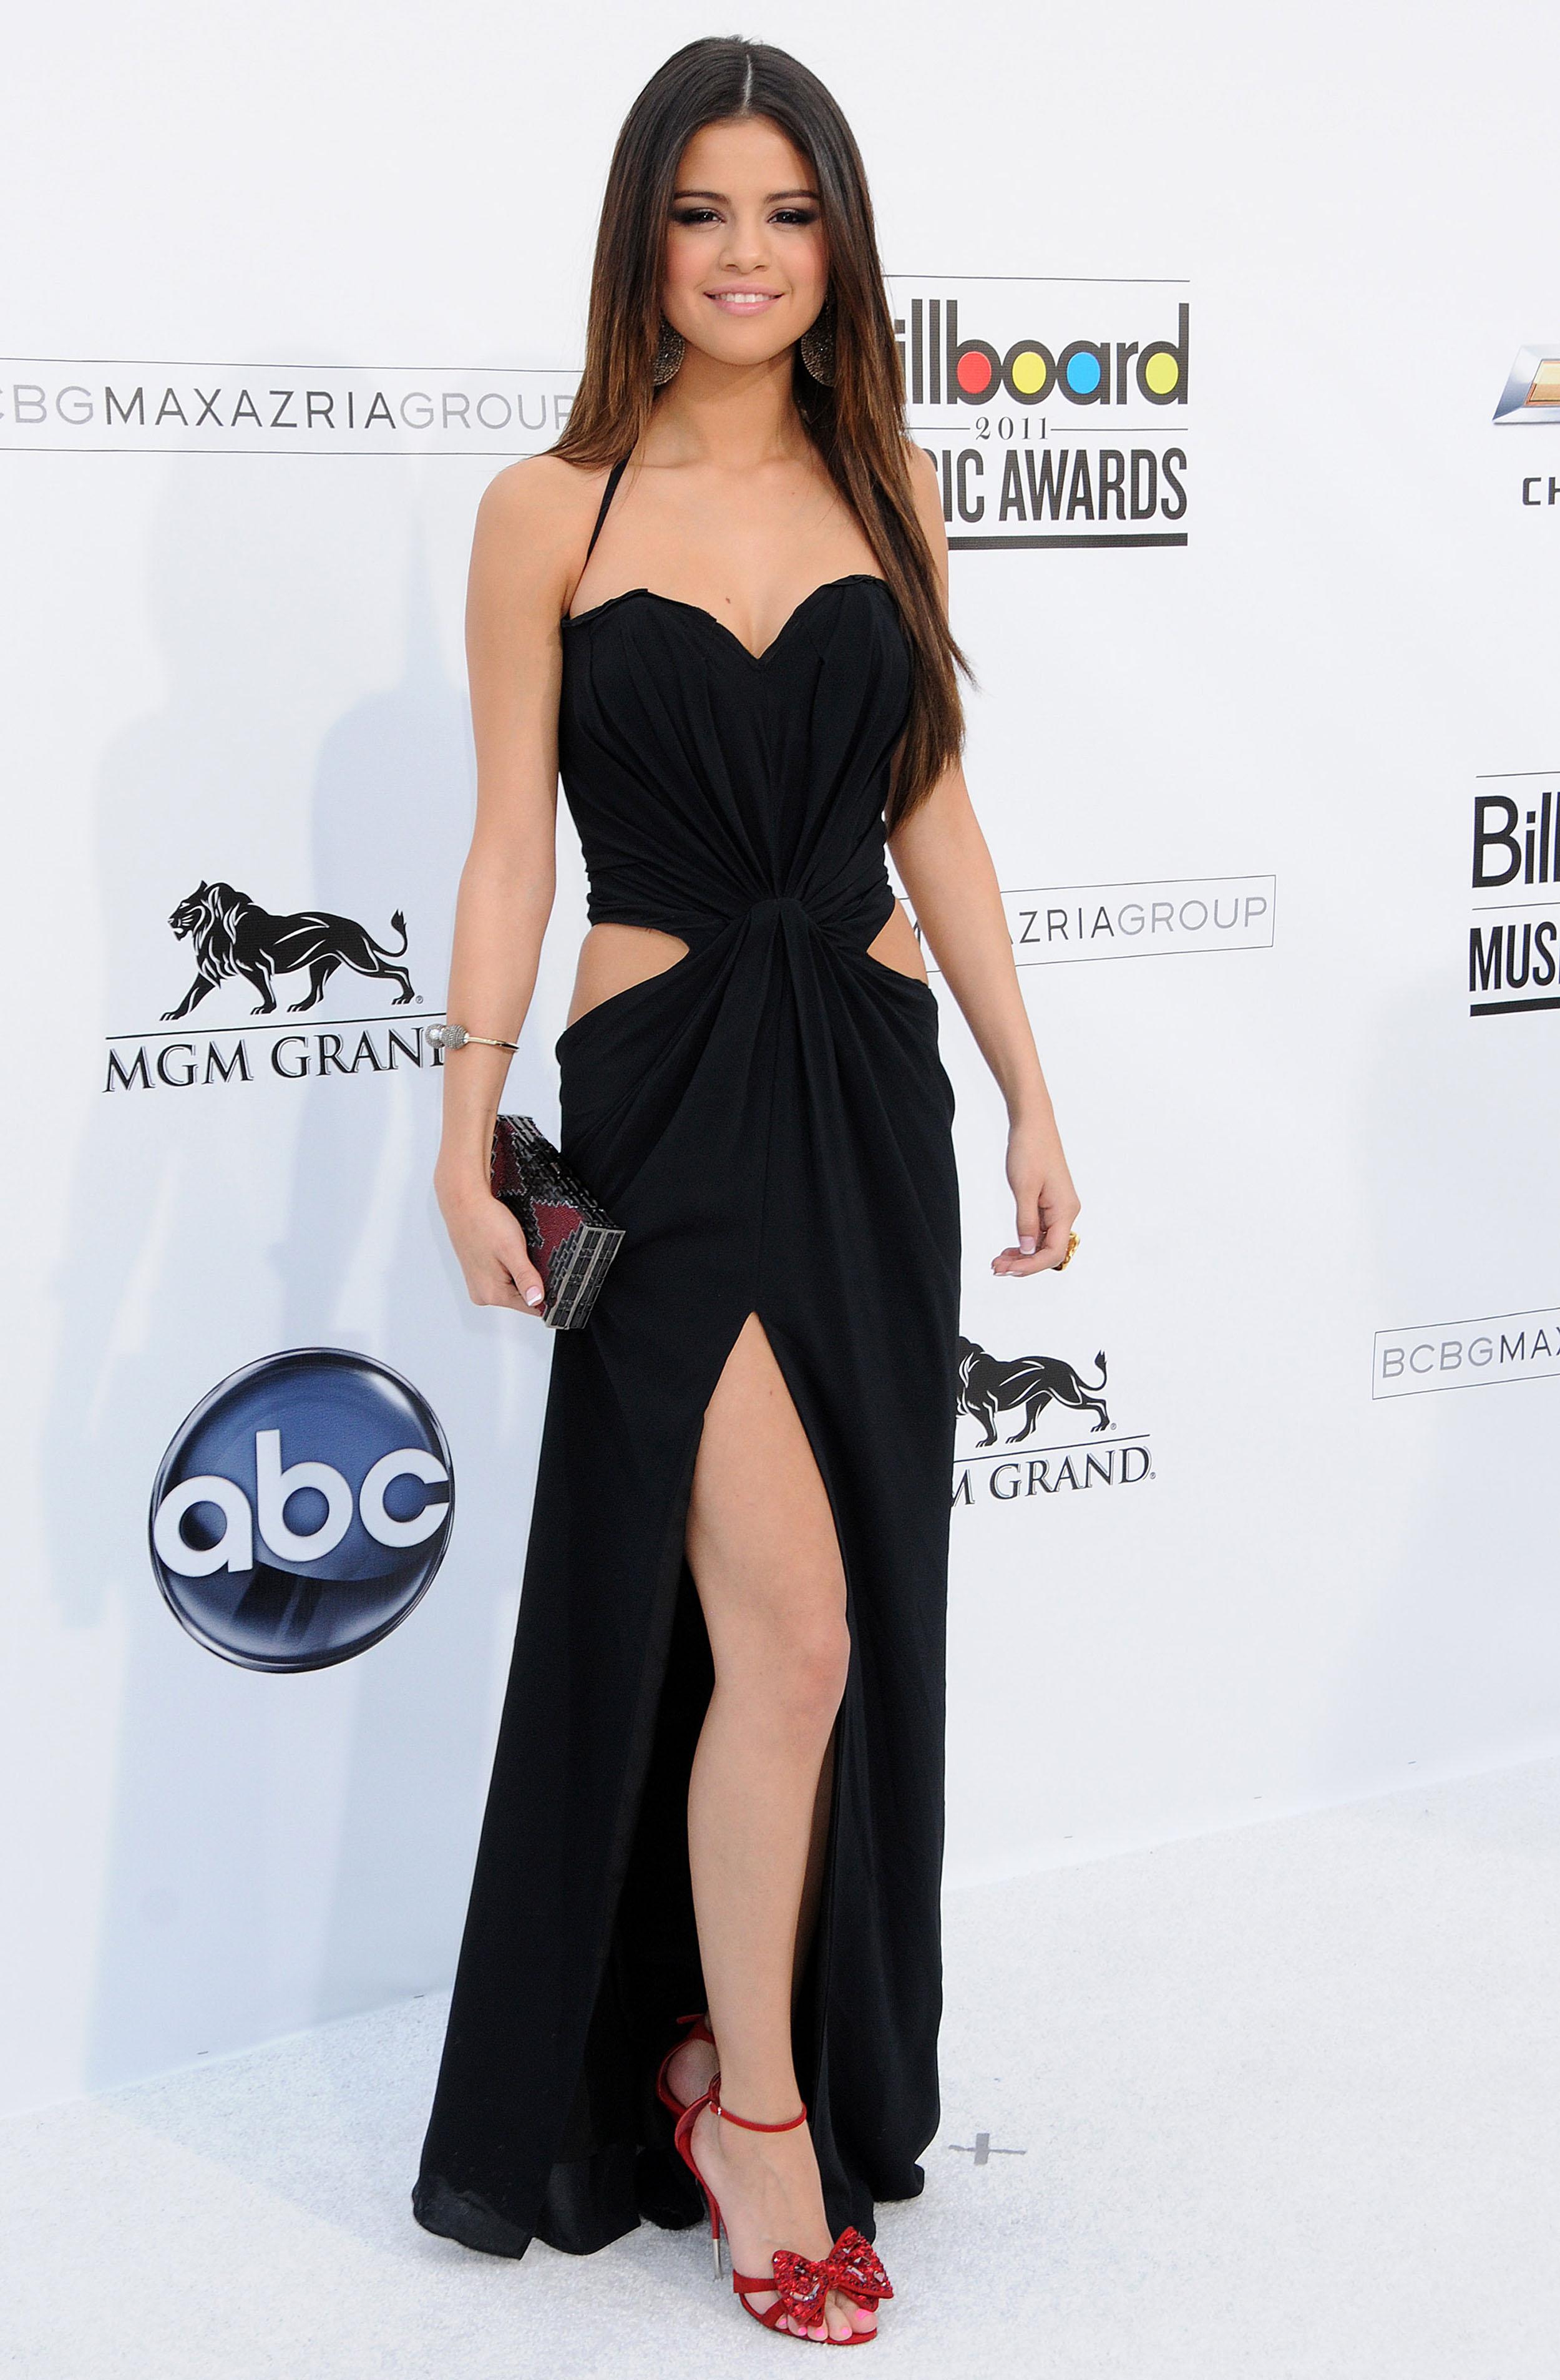 Que vestido llevarás para la fiesta de Binvenida Selena-gomez-2011-billboard-awards-03